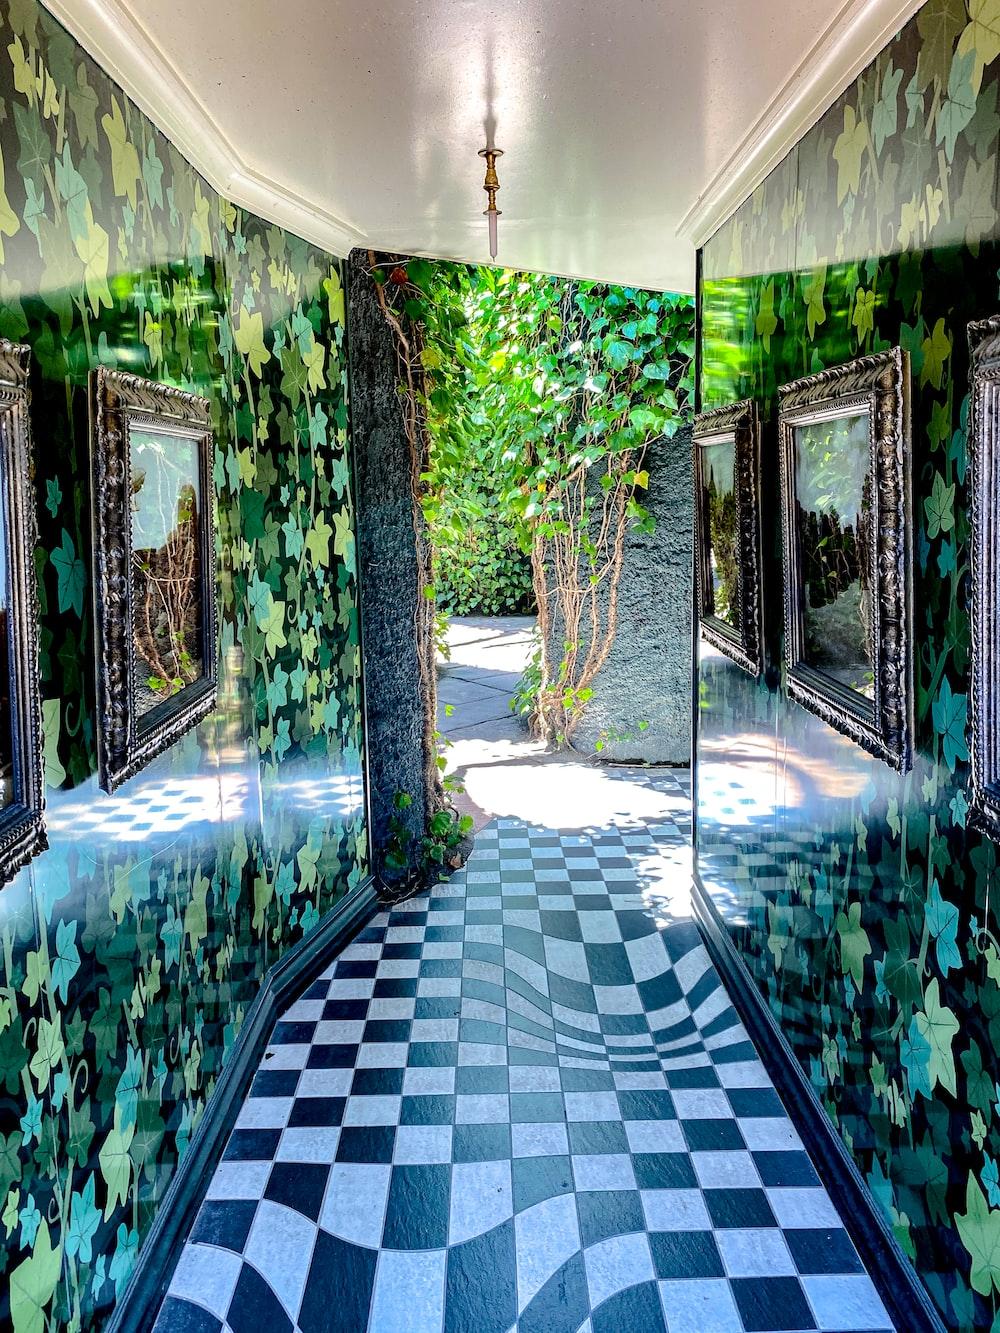 green and white tiled floor